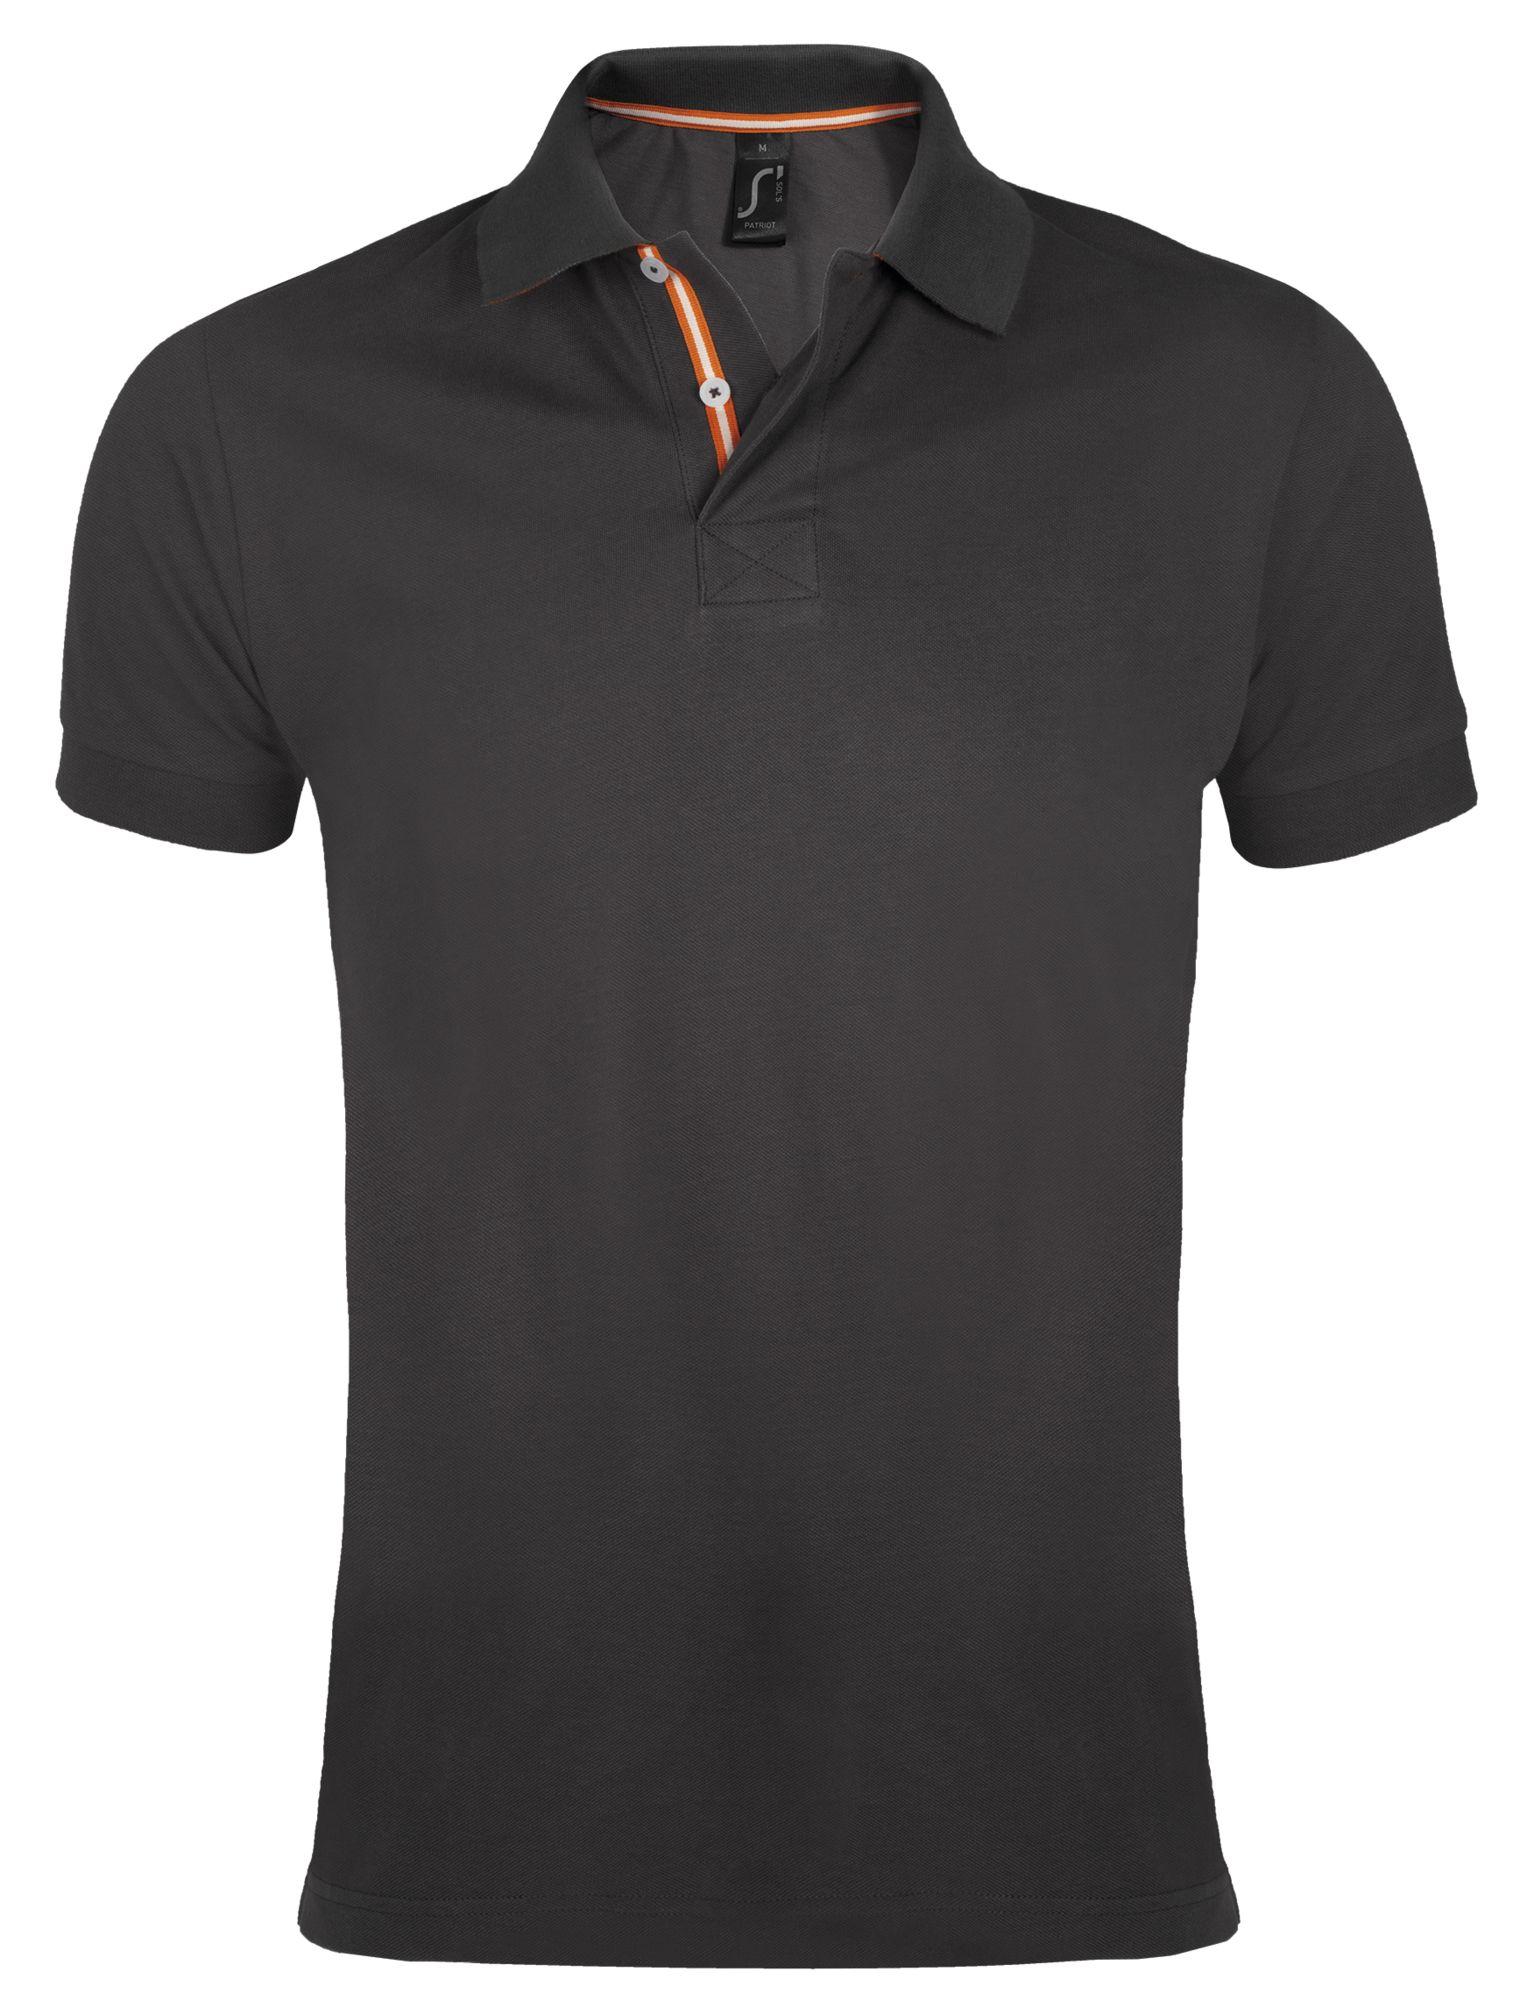 Рубашка поло мужская PATRIOT 200, темно-серая с оранжевым